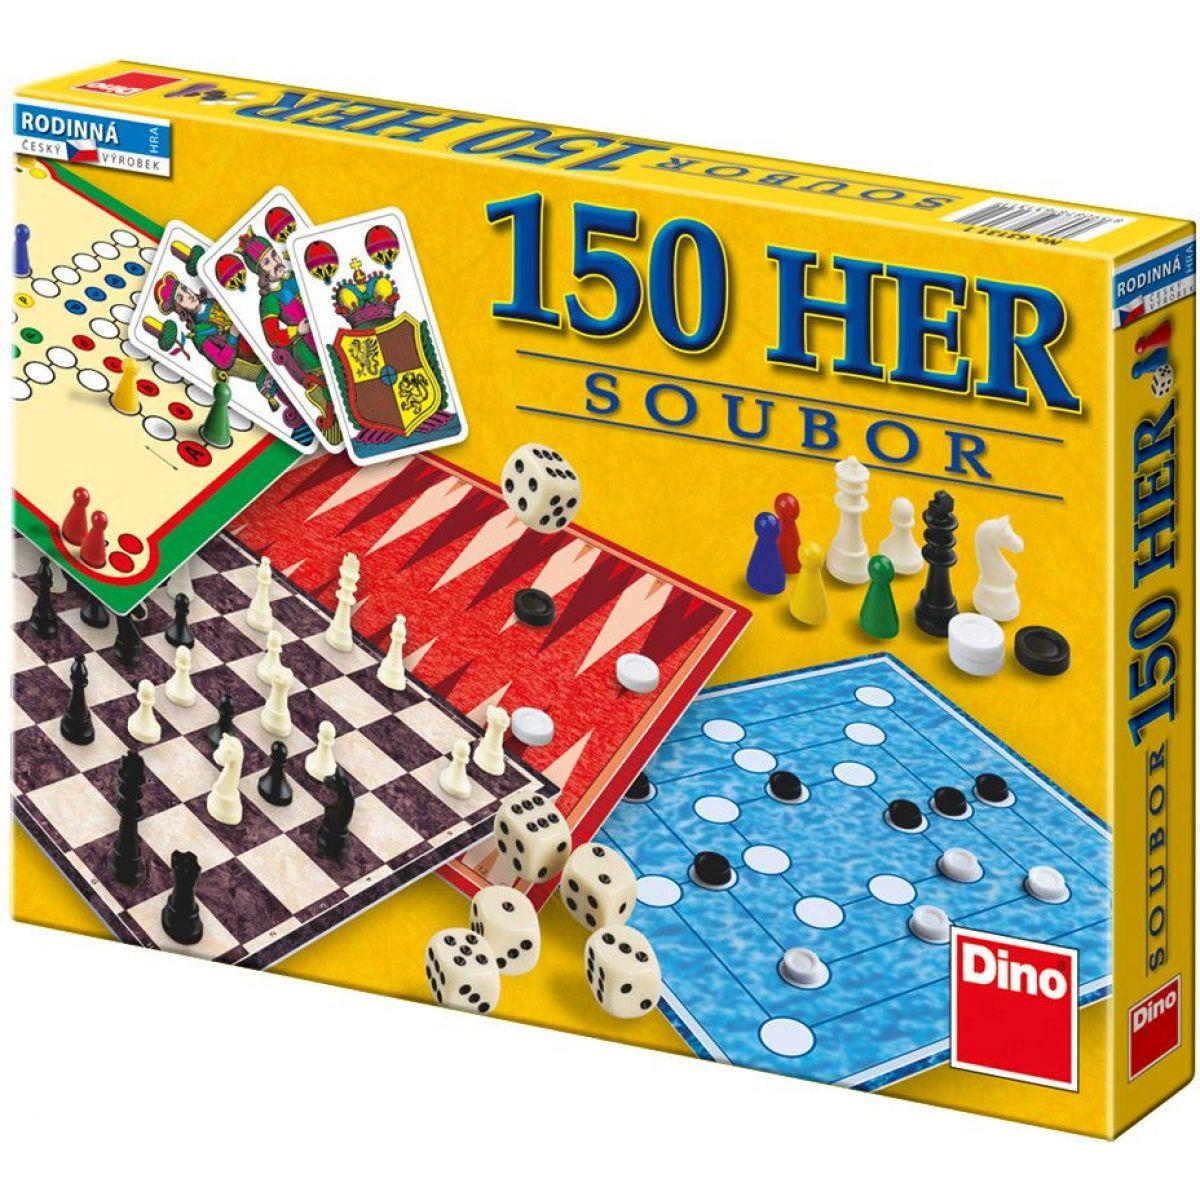 Dino Soubor her 150 her v krabici